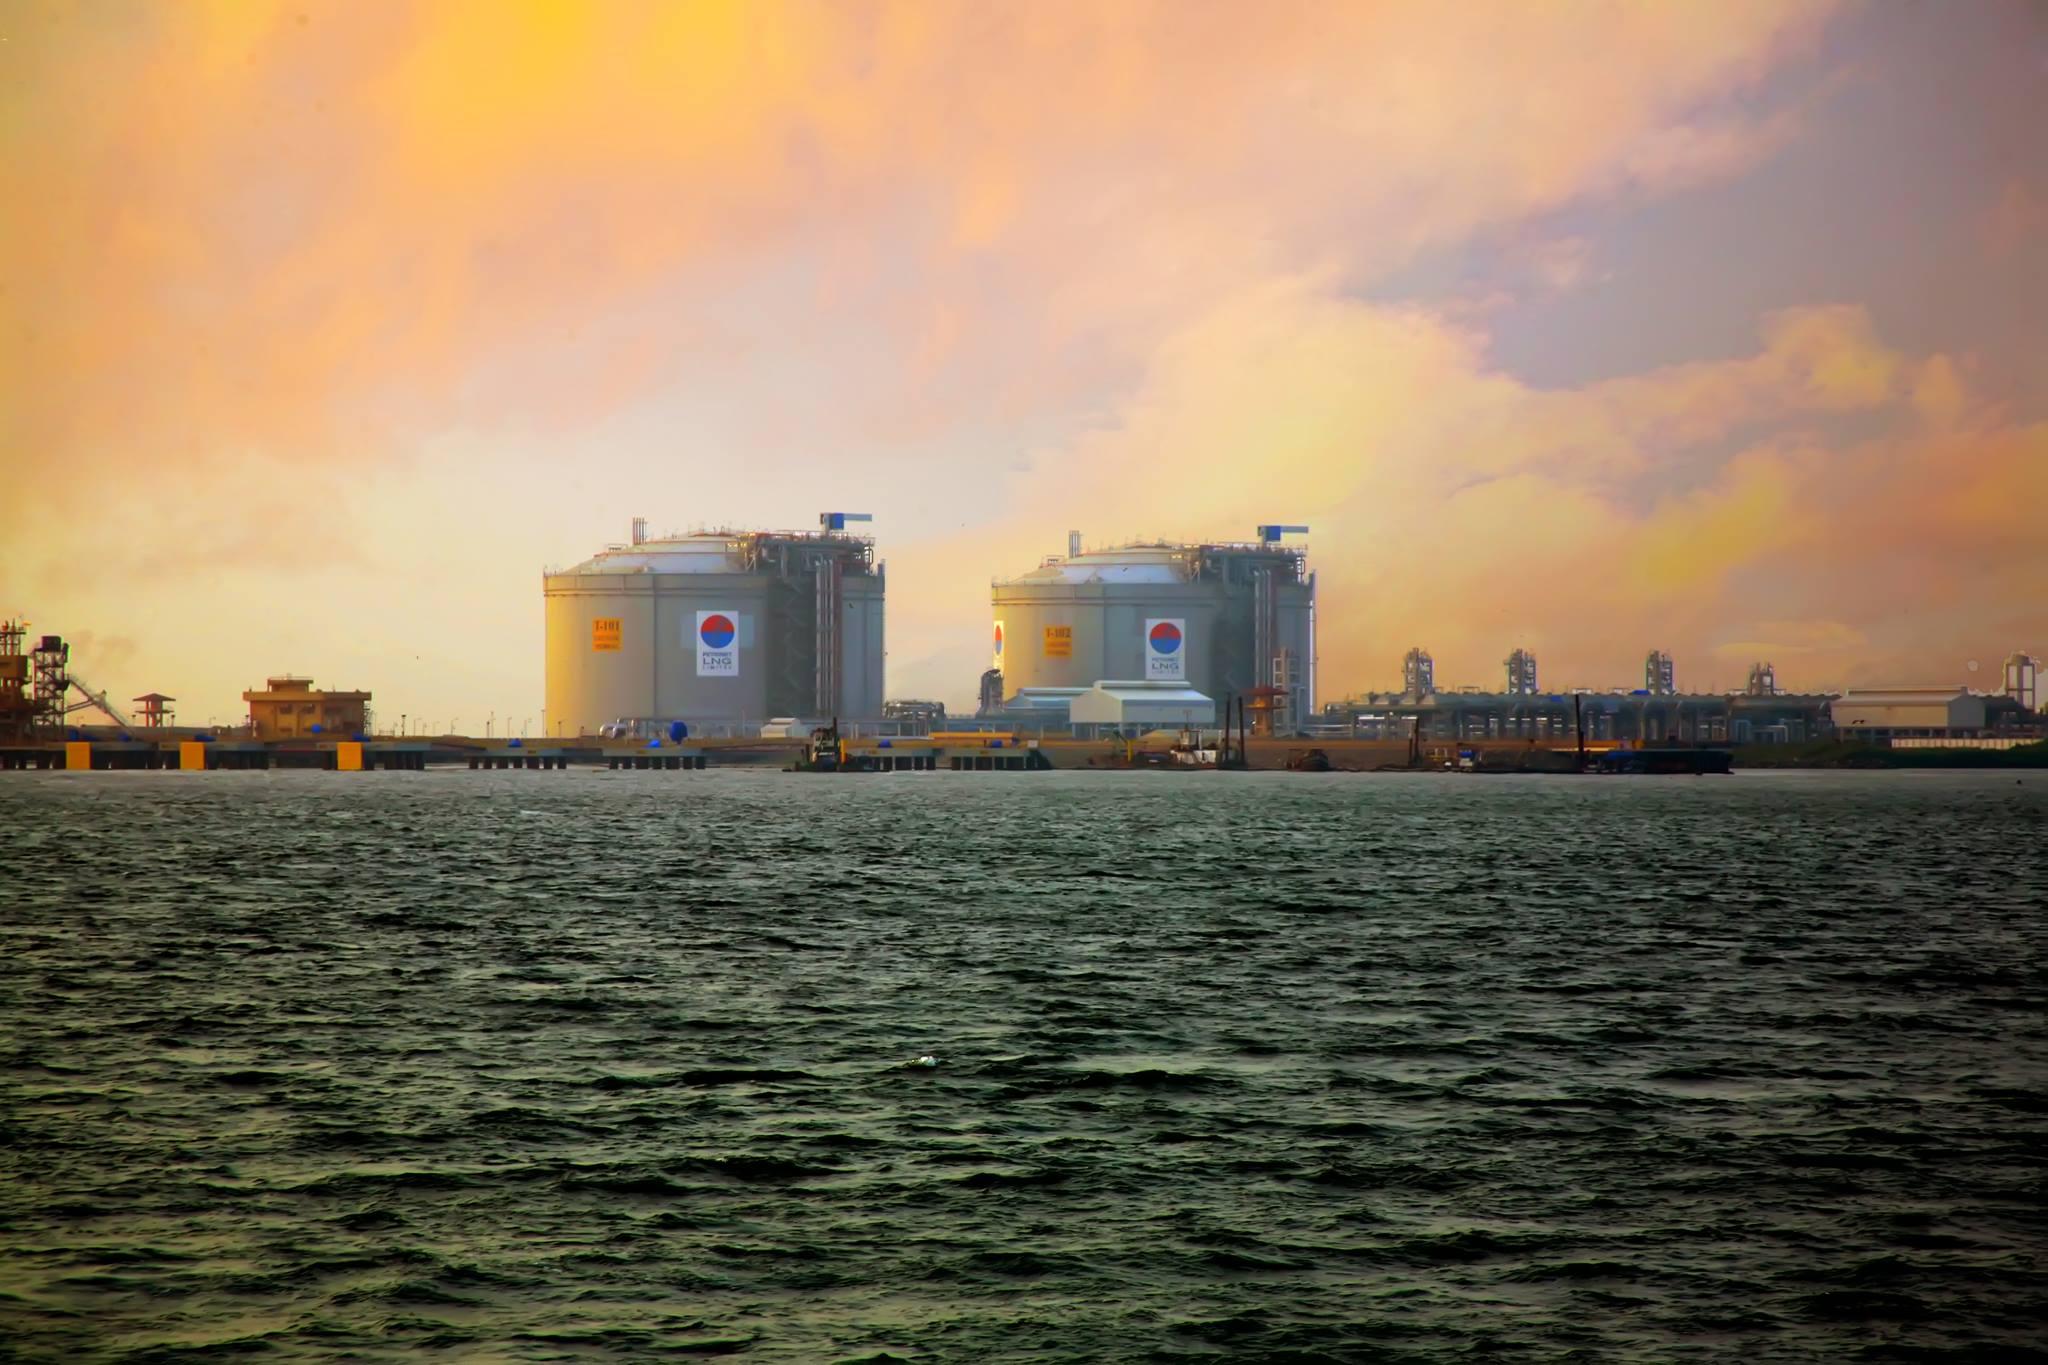 Kochi LNG terminal